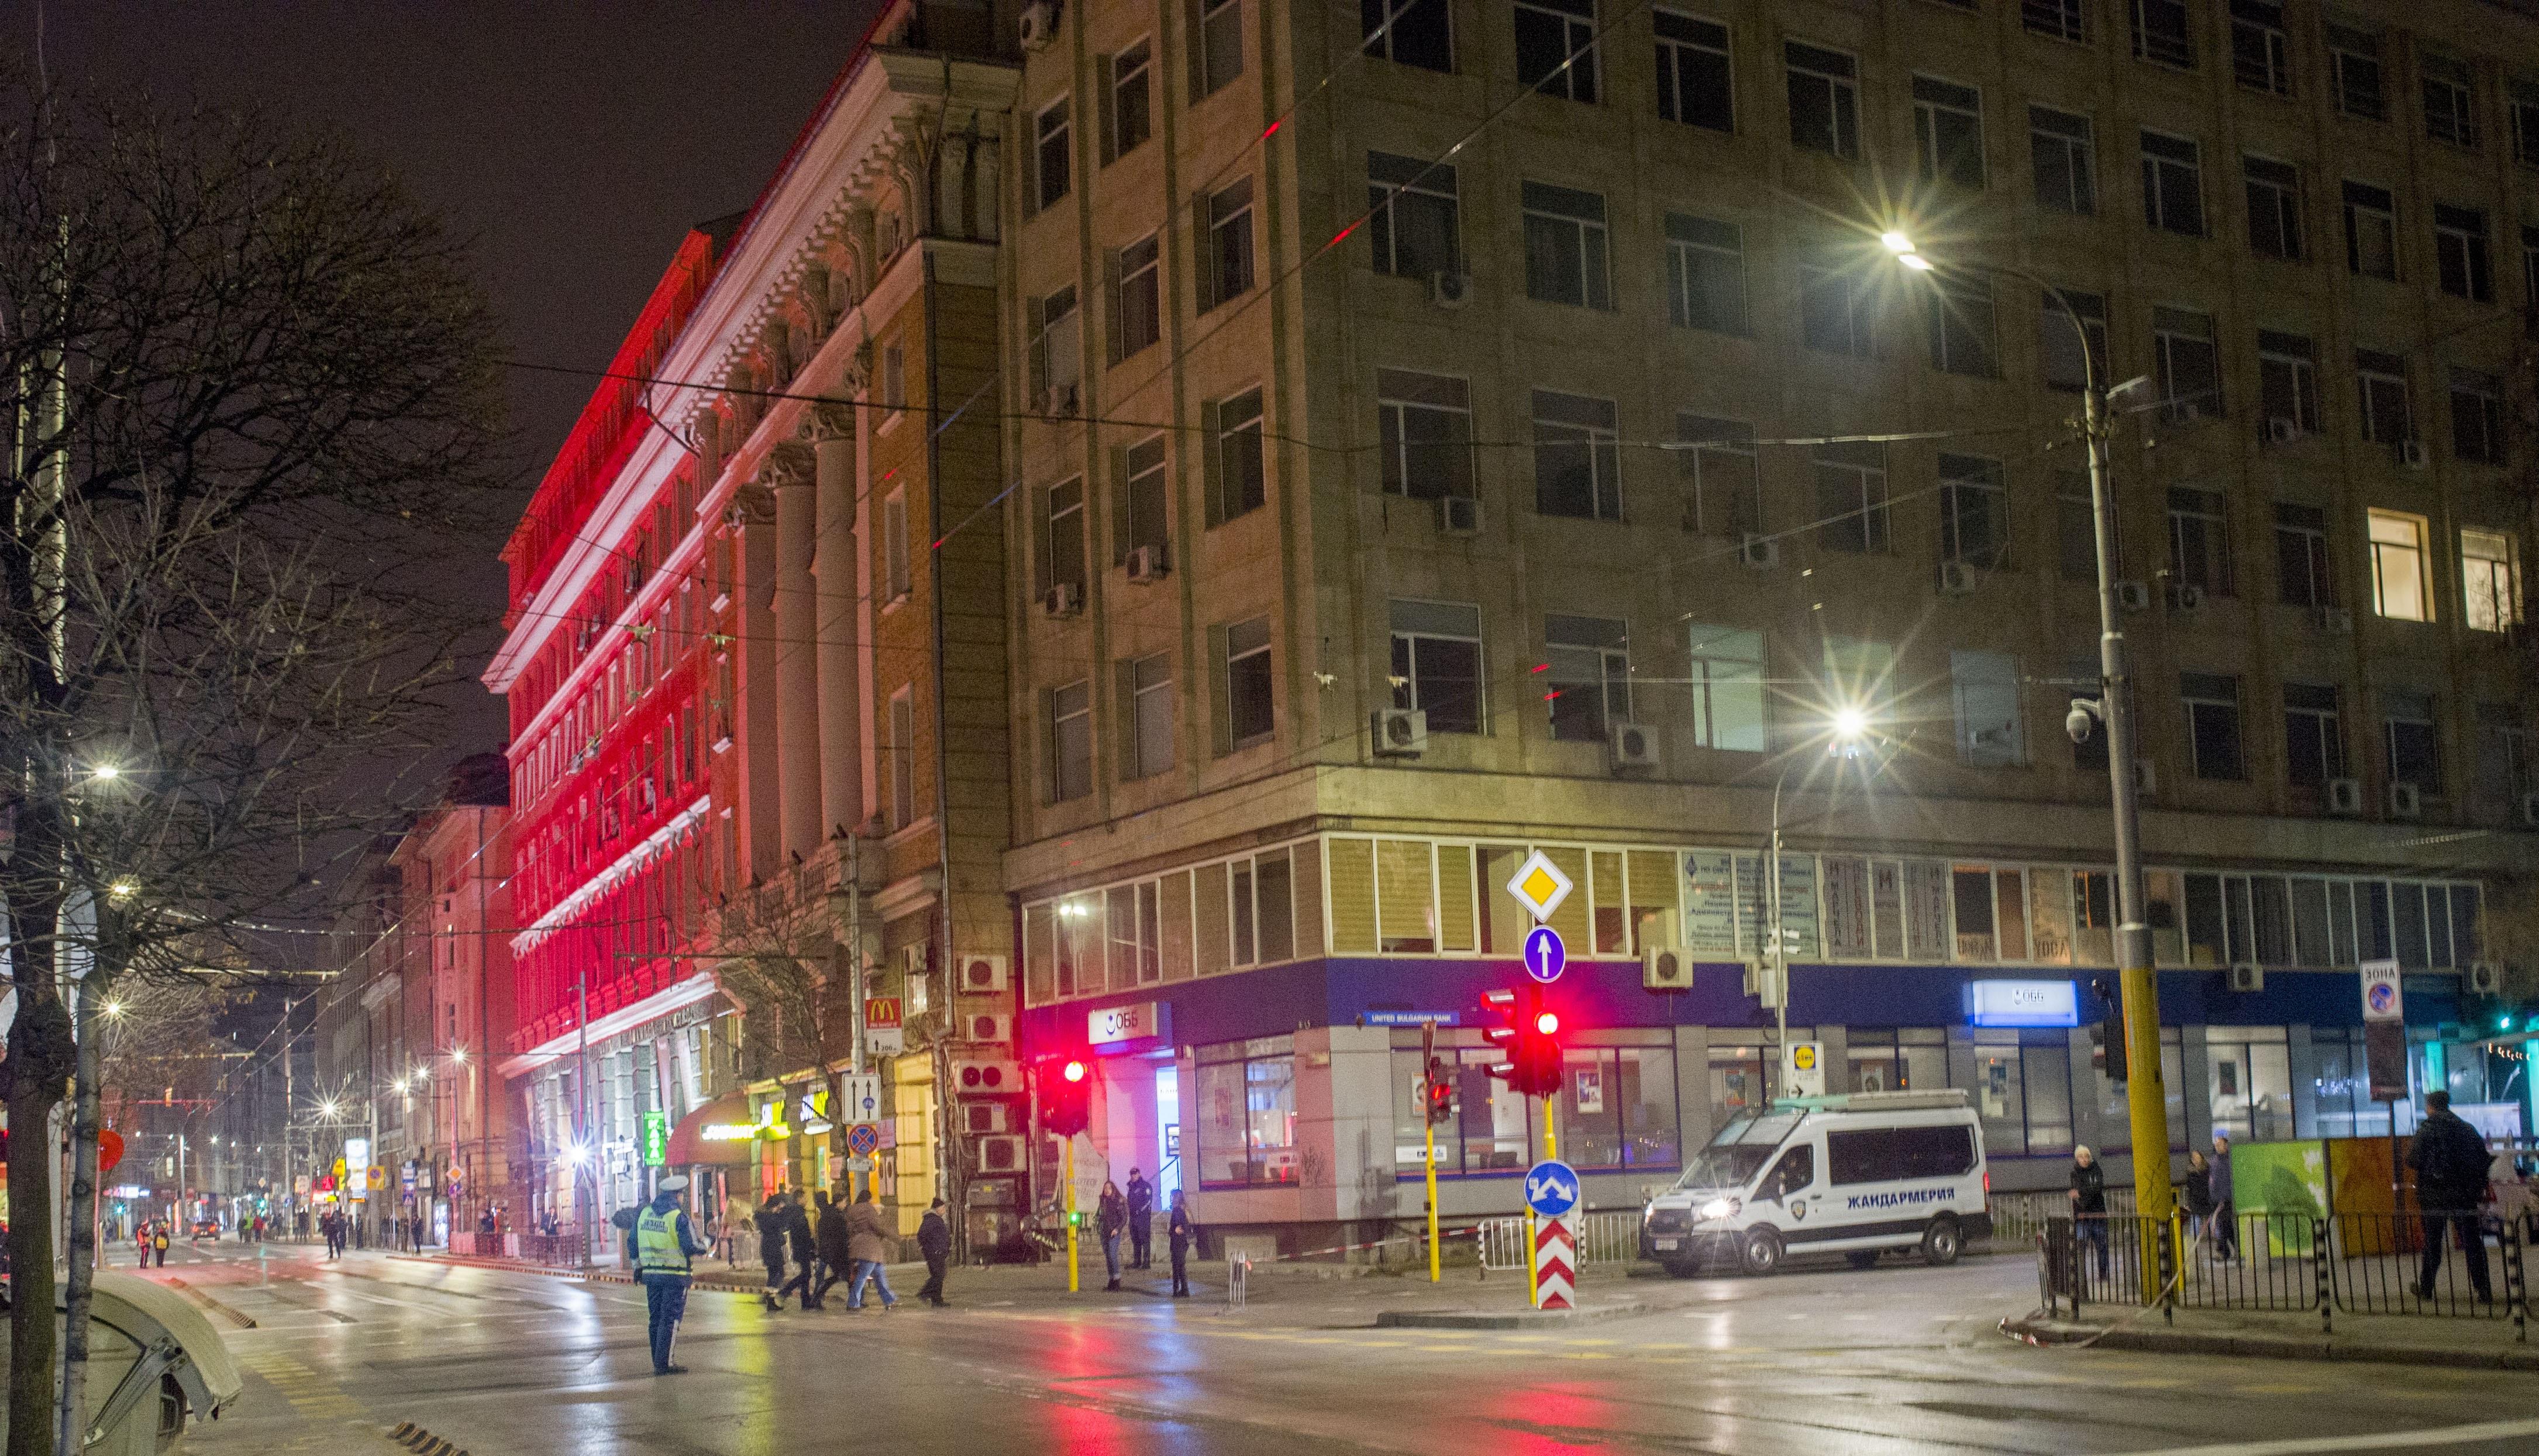 Заради официалното откриване на европредседателството вчера, 11 януари, редица централни улици бяха затворени. Забраната бе въведана на 10 януари и ще продължи до днес